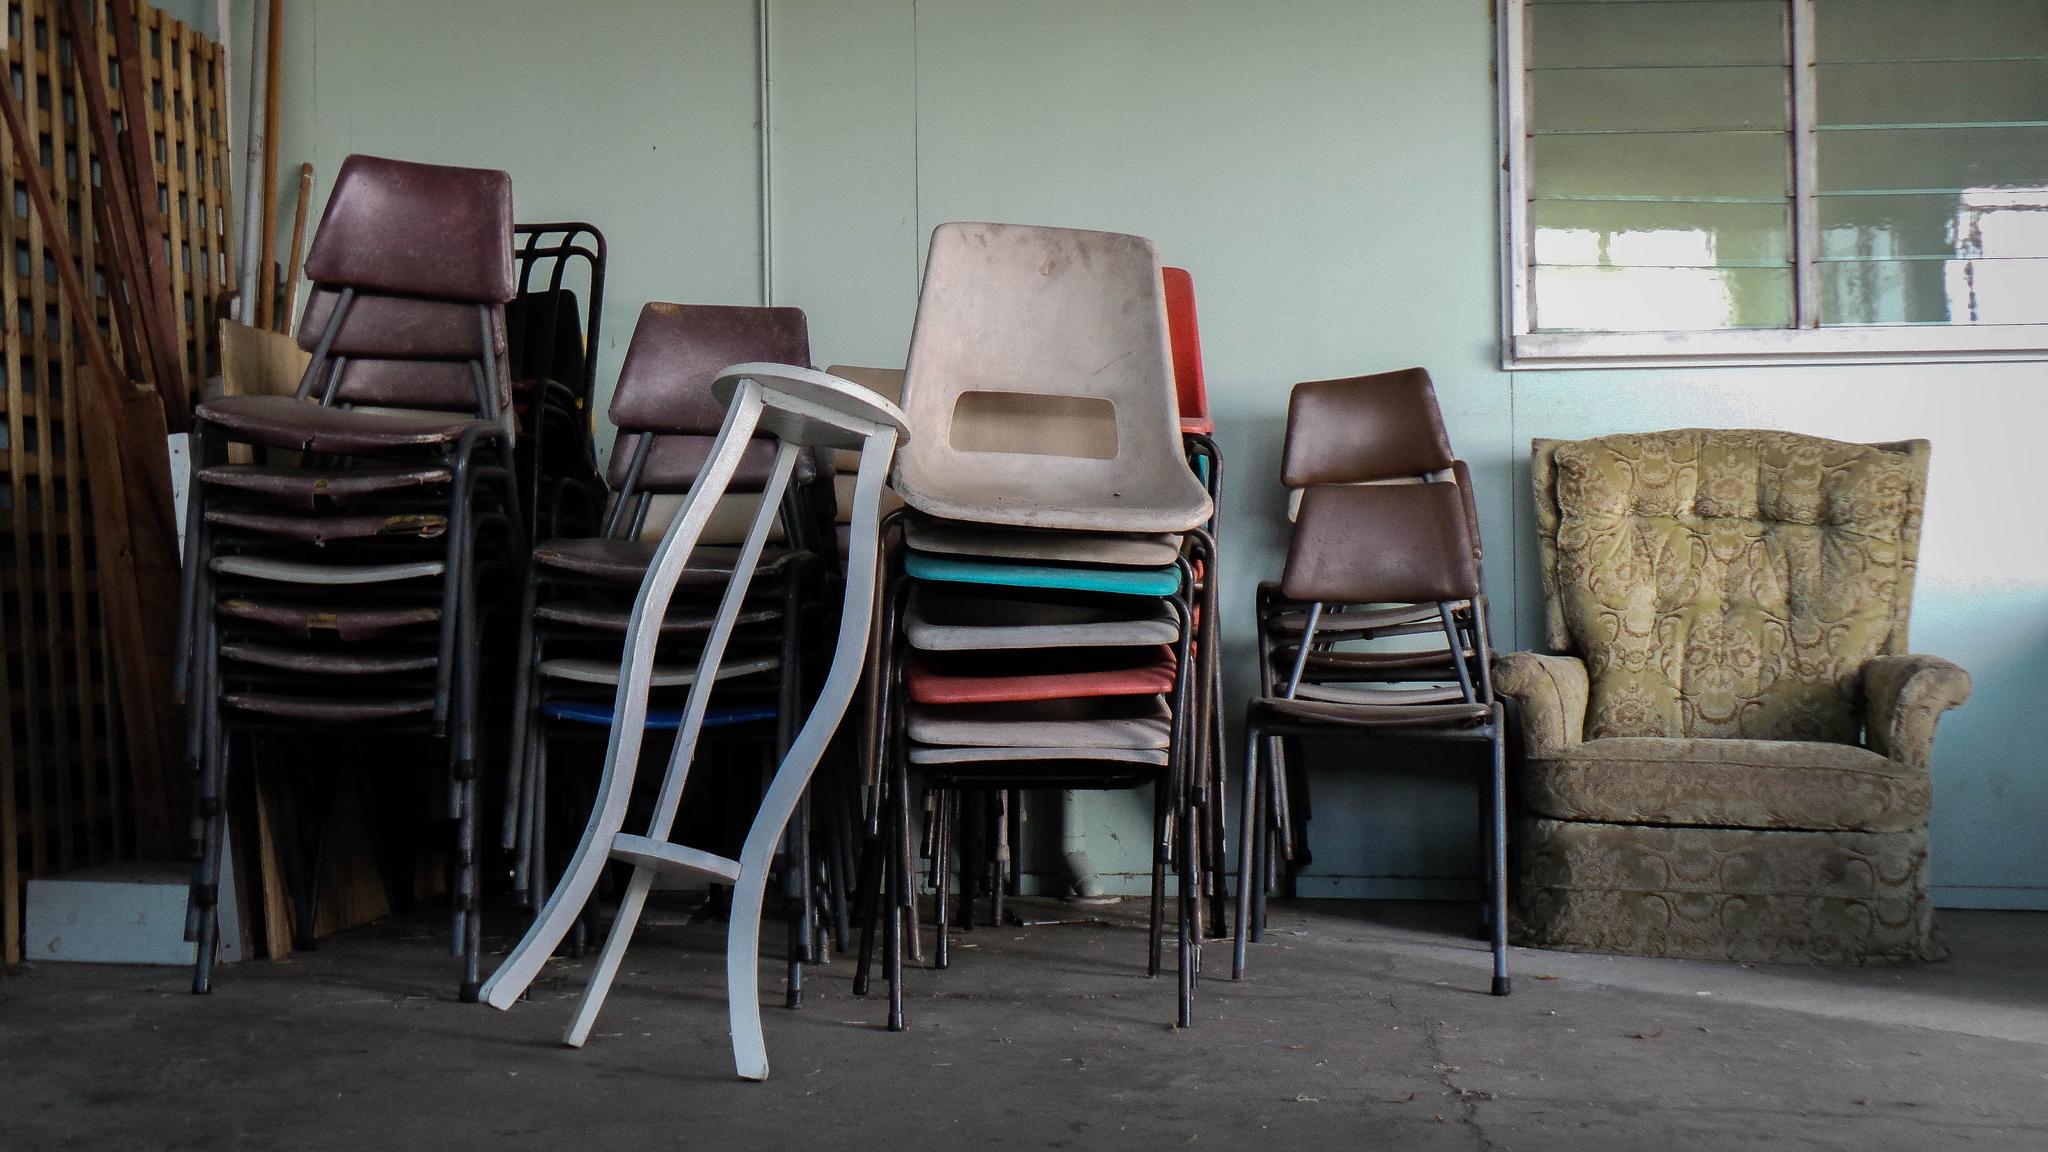 Miejsce miejscu nierówne. Najsprytniejsi zajmą najlepsze. Fot:  Theen Moy/flickr.com